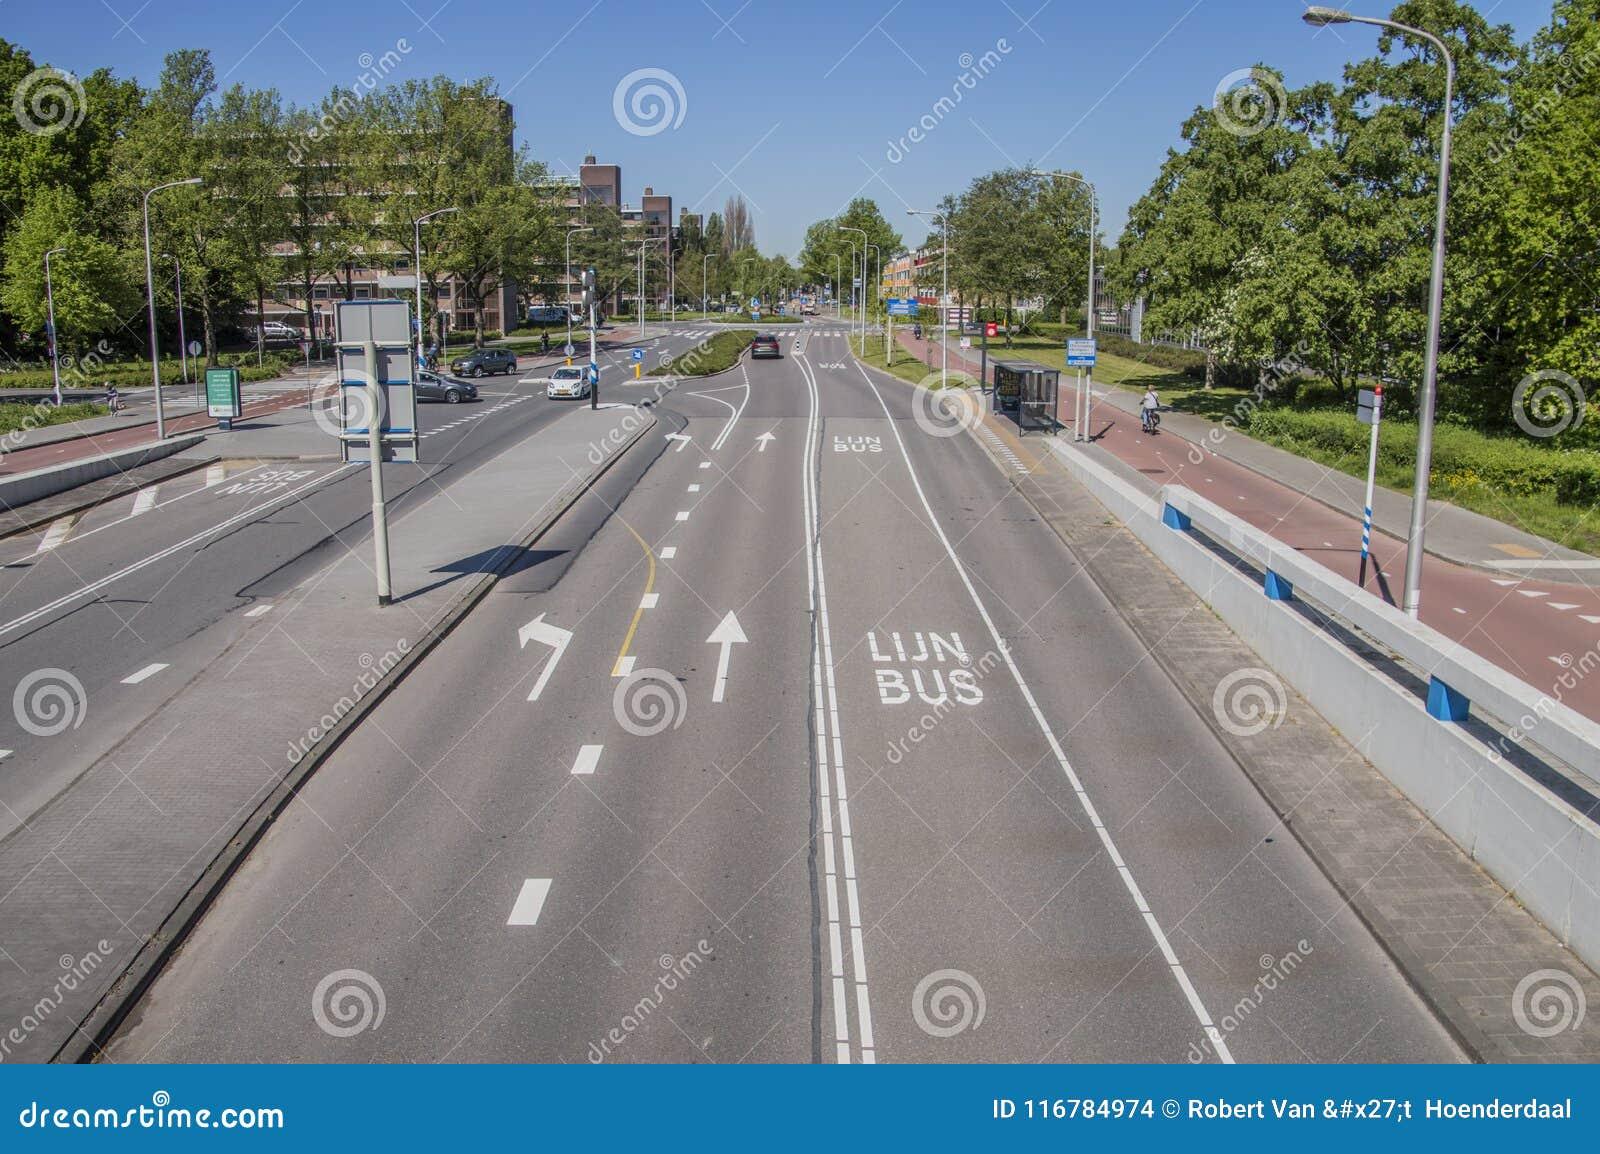 Meester G Groen van Prinstererlaan Street in Amstelveen die Niederlande